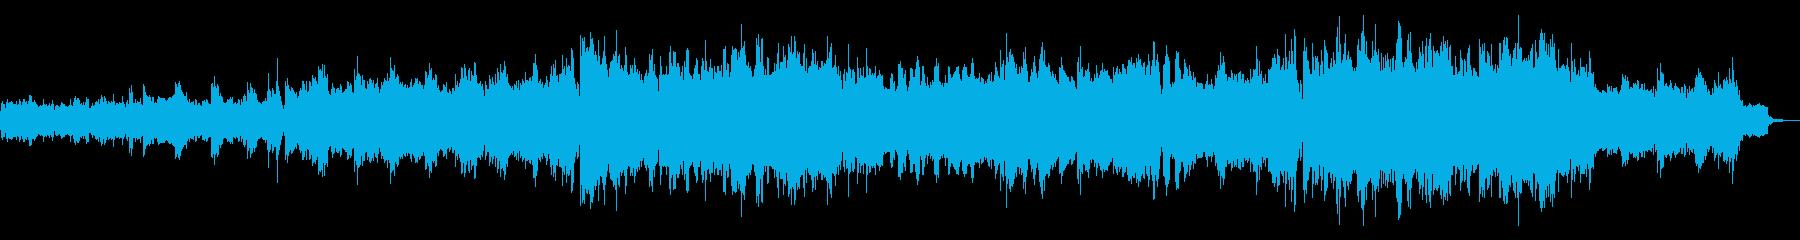 生命の誕生に合うようなBGMの再生済みの波形